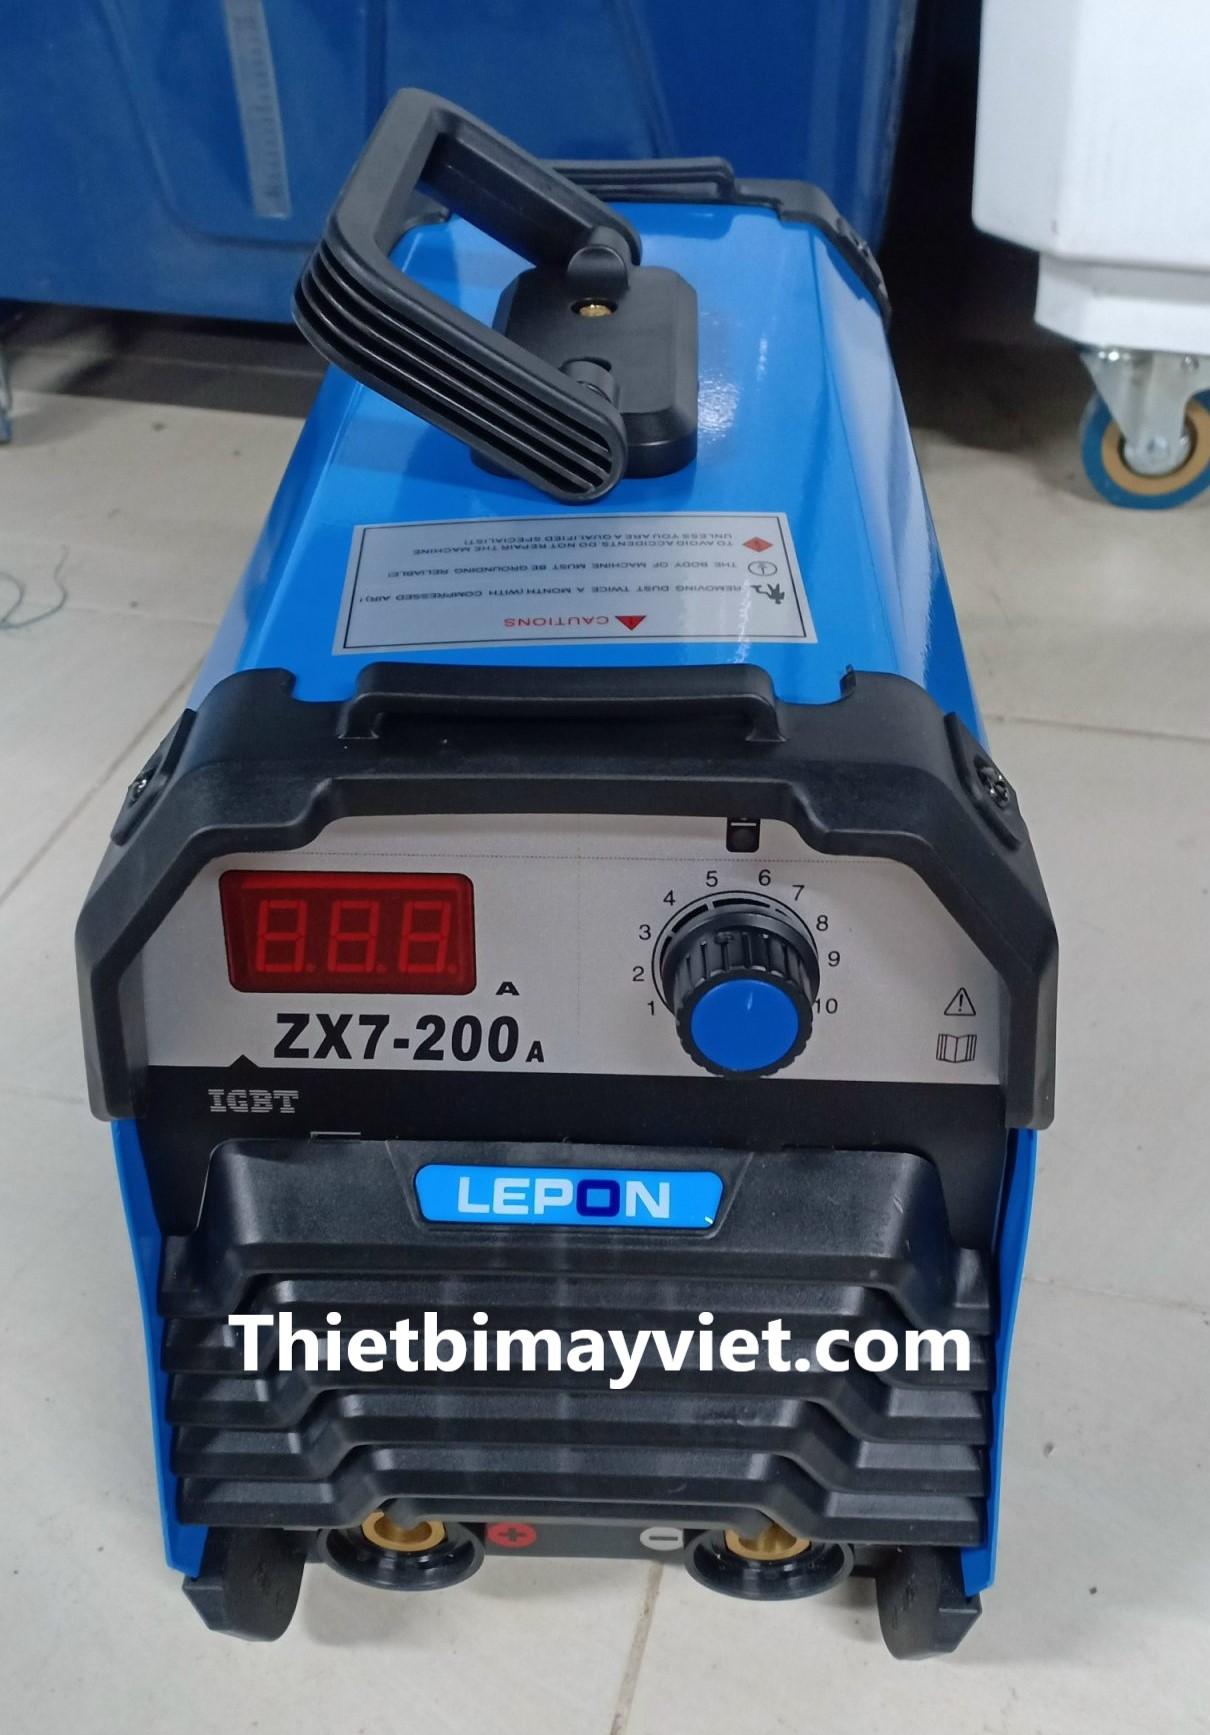 Hàn Điện Lepon xz7 - 200a